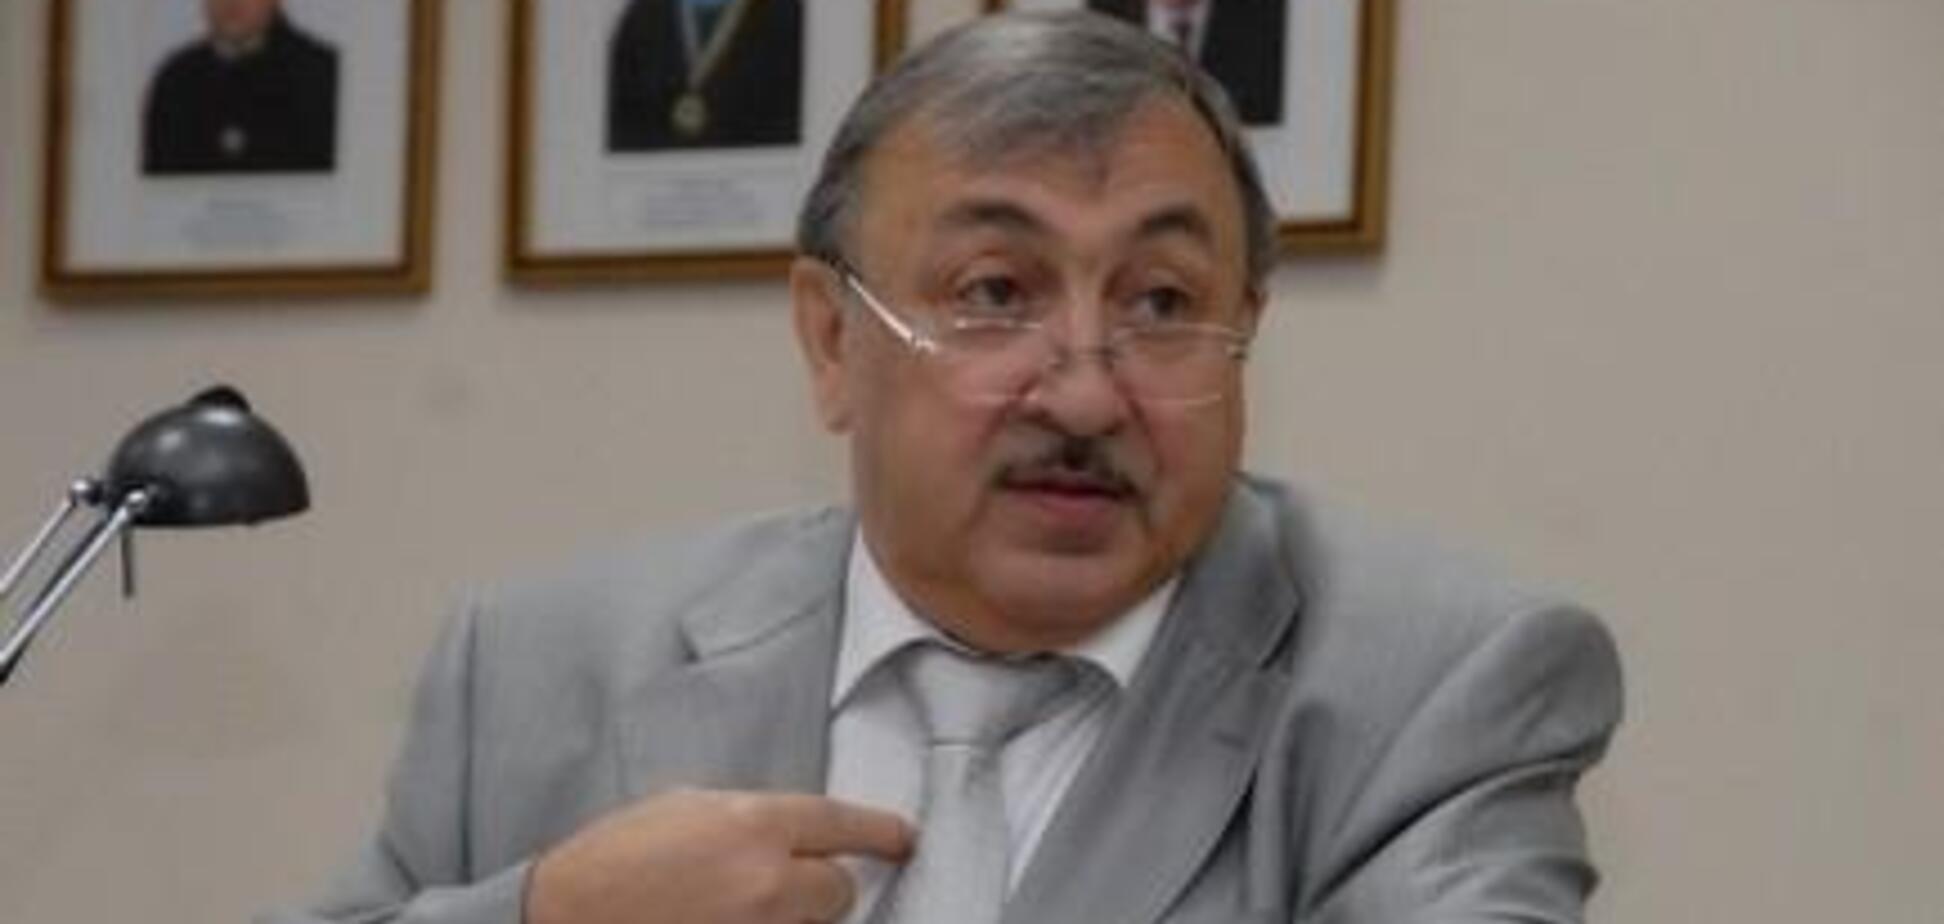 ВРП звільнила скандального суддю часів Януковича: що відомо